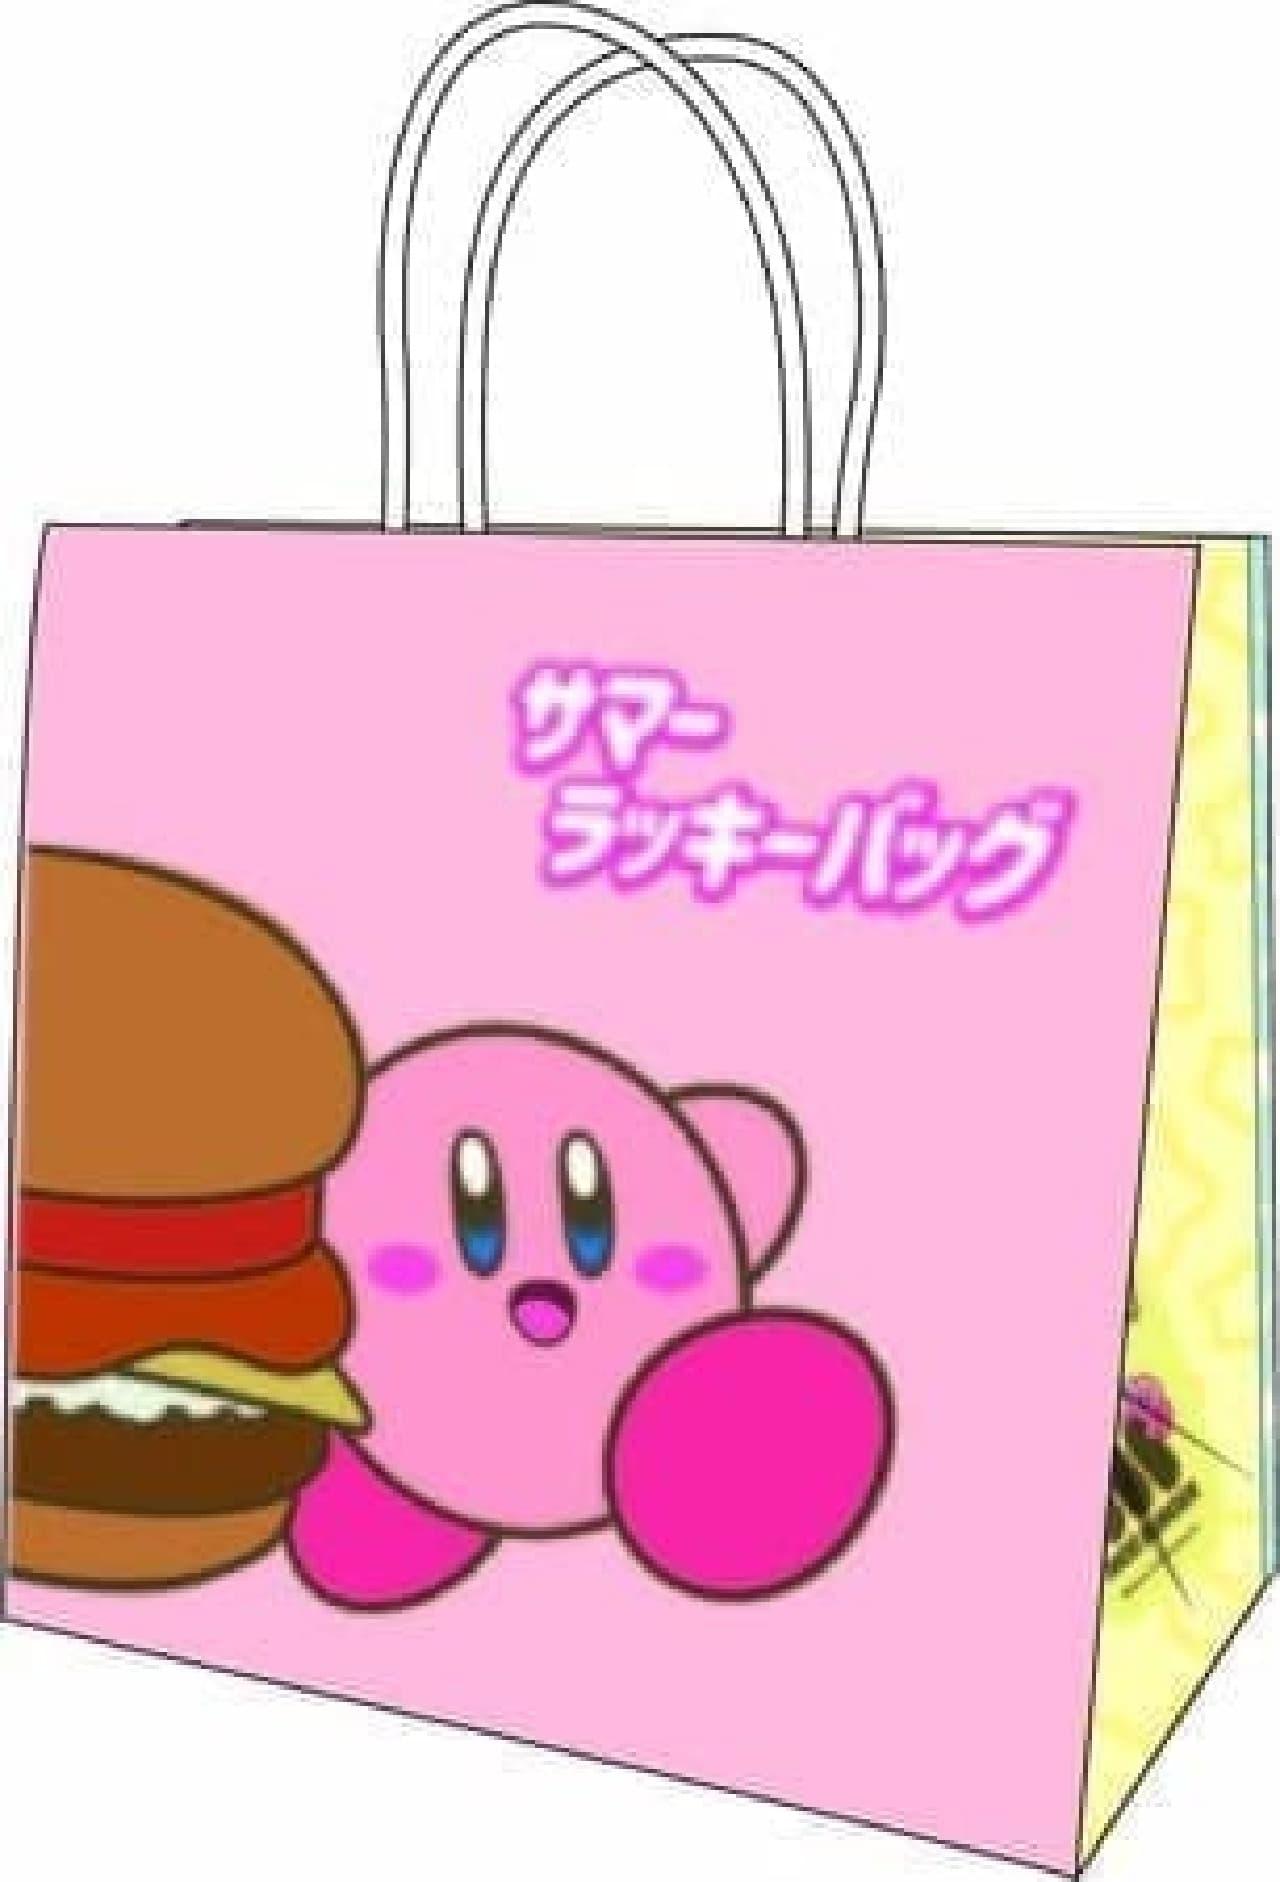 モス×カービィ サマーラッキーバッグ